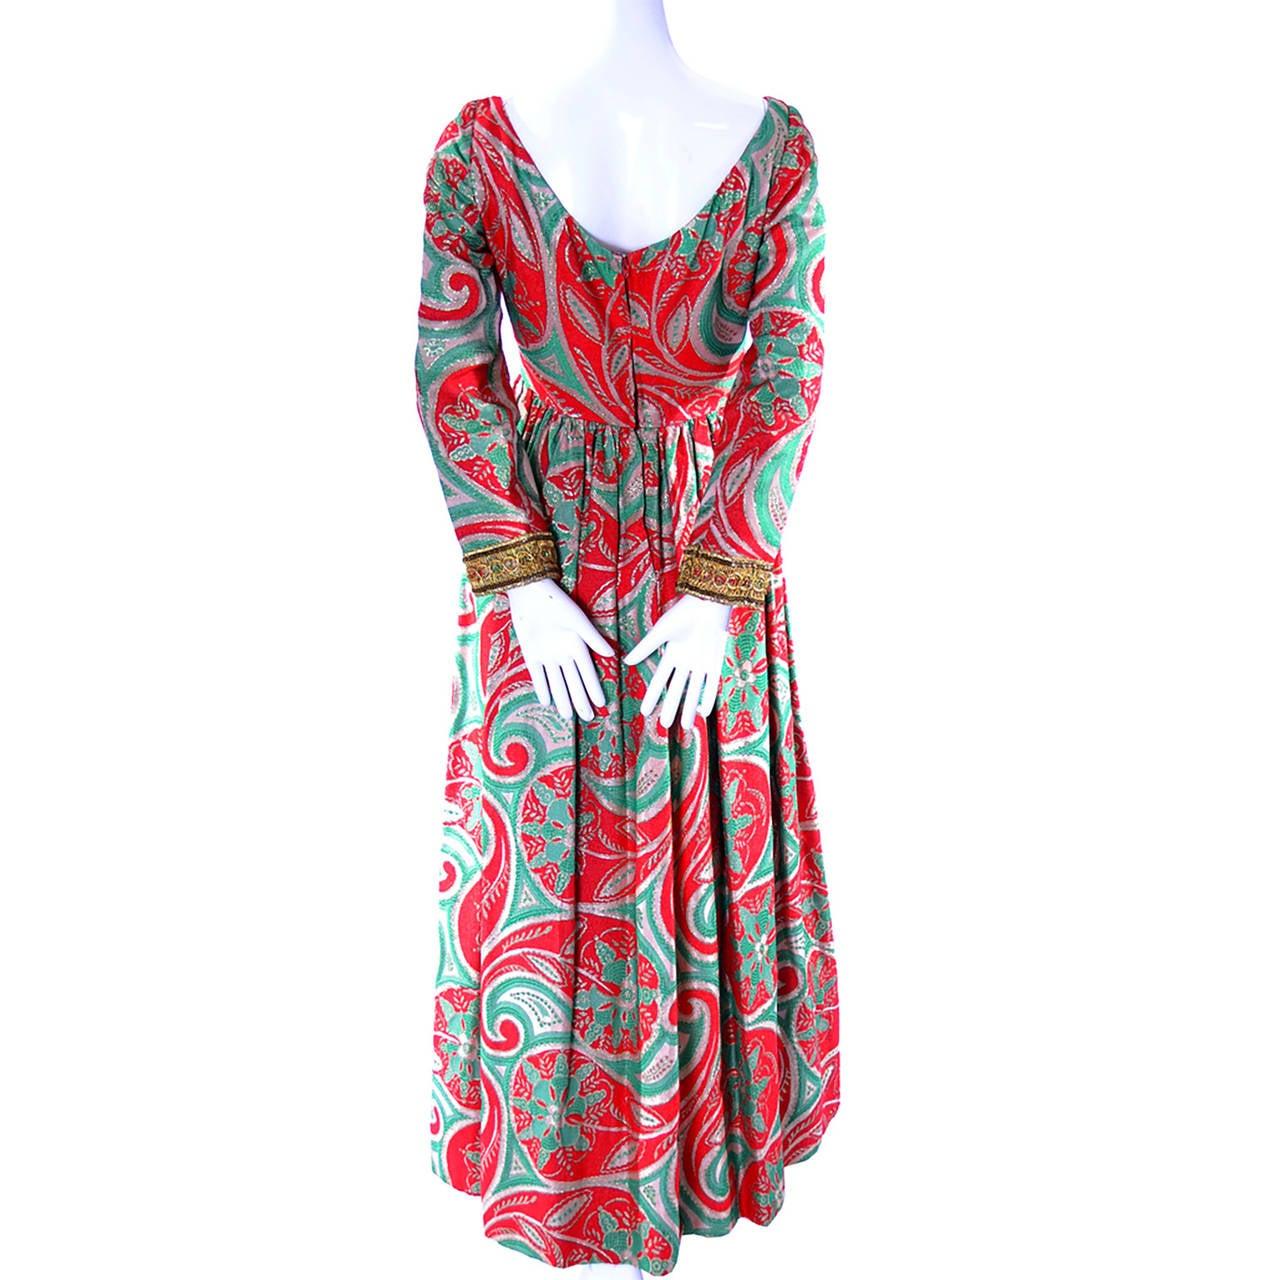 Women's Oscar de la Renta Dress Boutique Vintage Dress 1960s Metallic Paisley Maxi For Sale